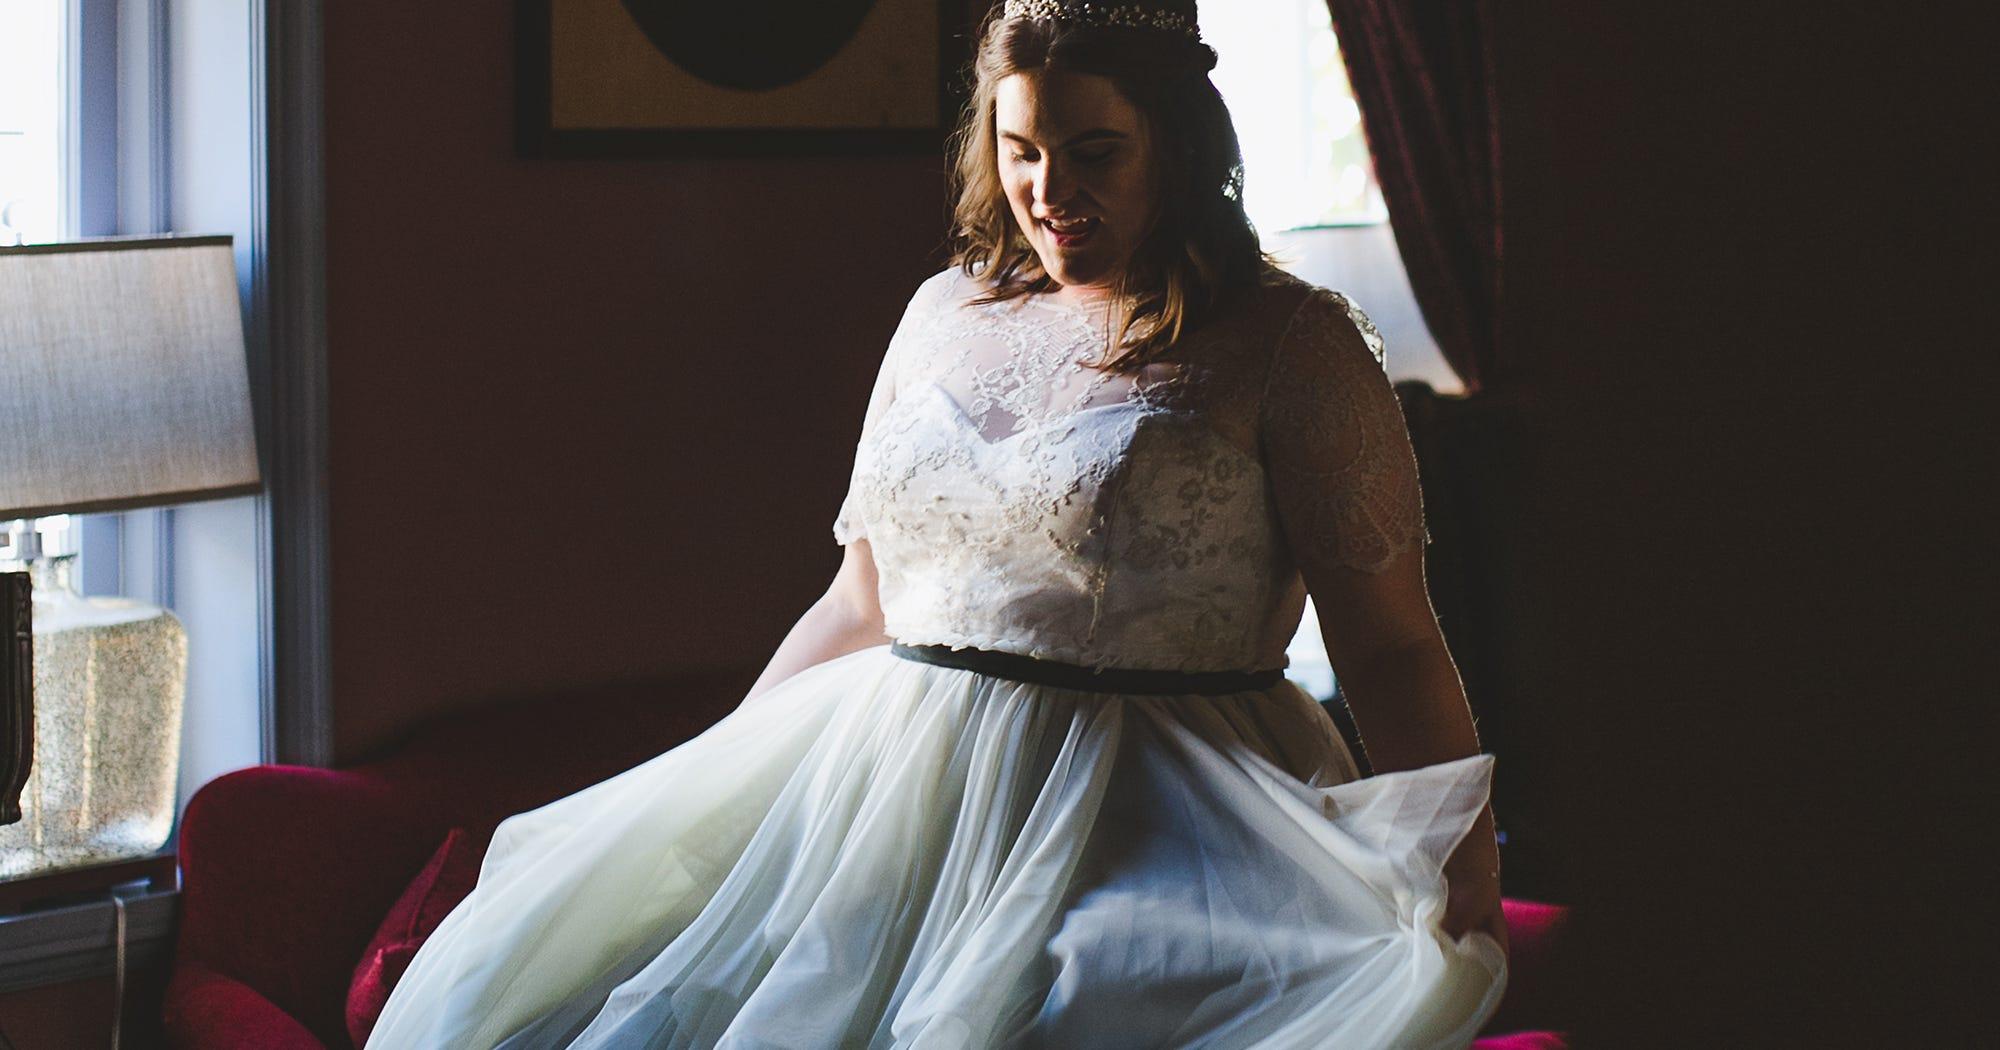 """Zerstörerische Schönheitsideale bei Bräuten: """"Ich mochte meinen Körper – bis ich meine Hochzeitsfotos sah"""""""